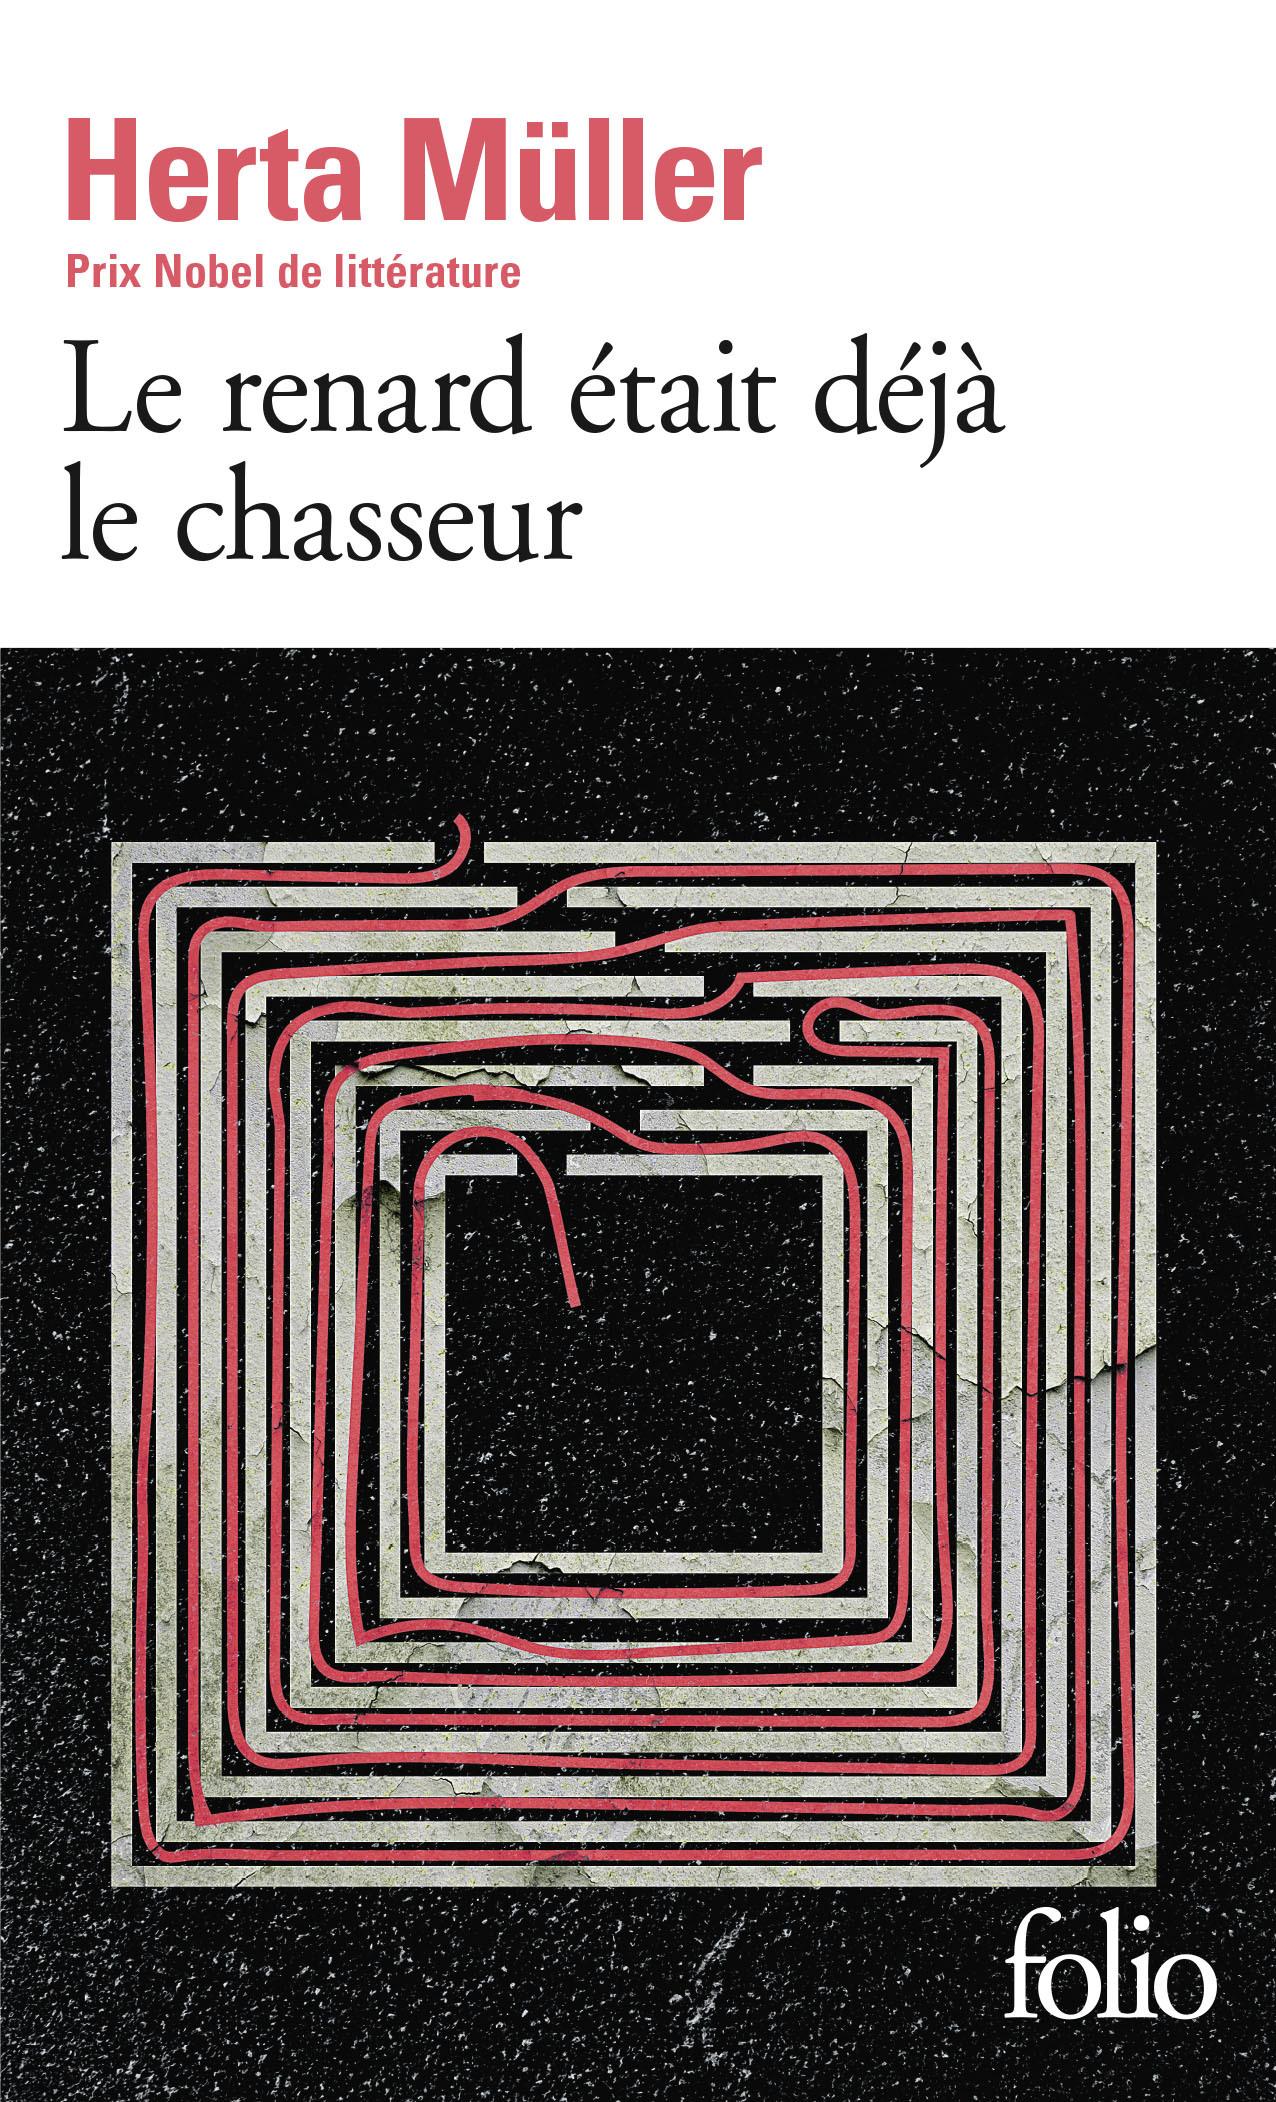 LE RENARD ETAIT DEJA LE CHASSEUR